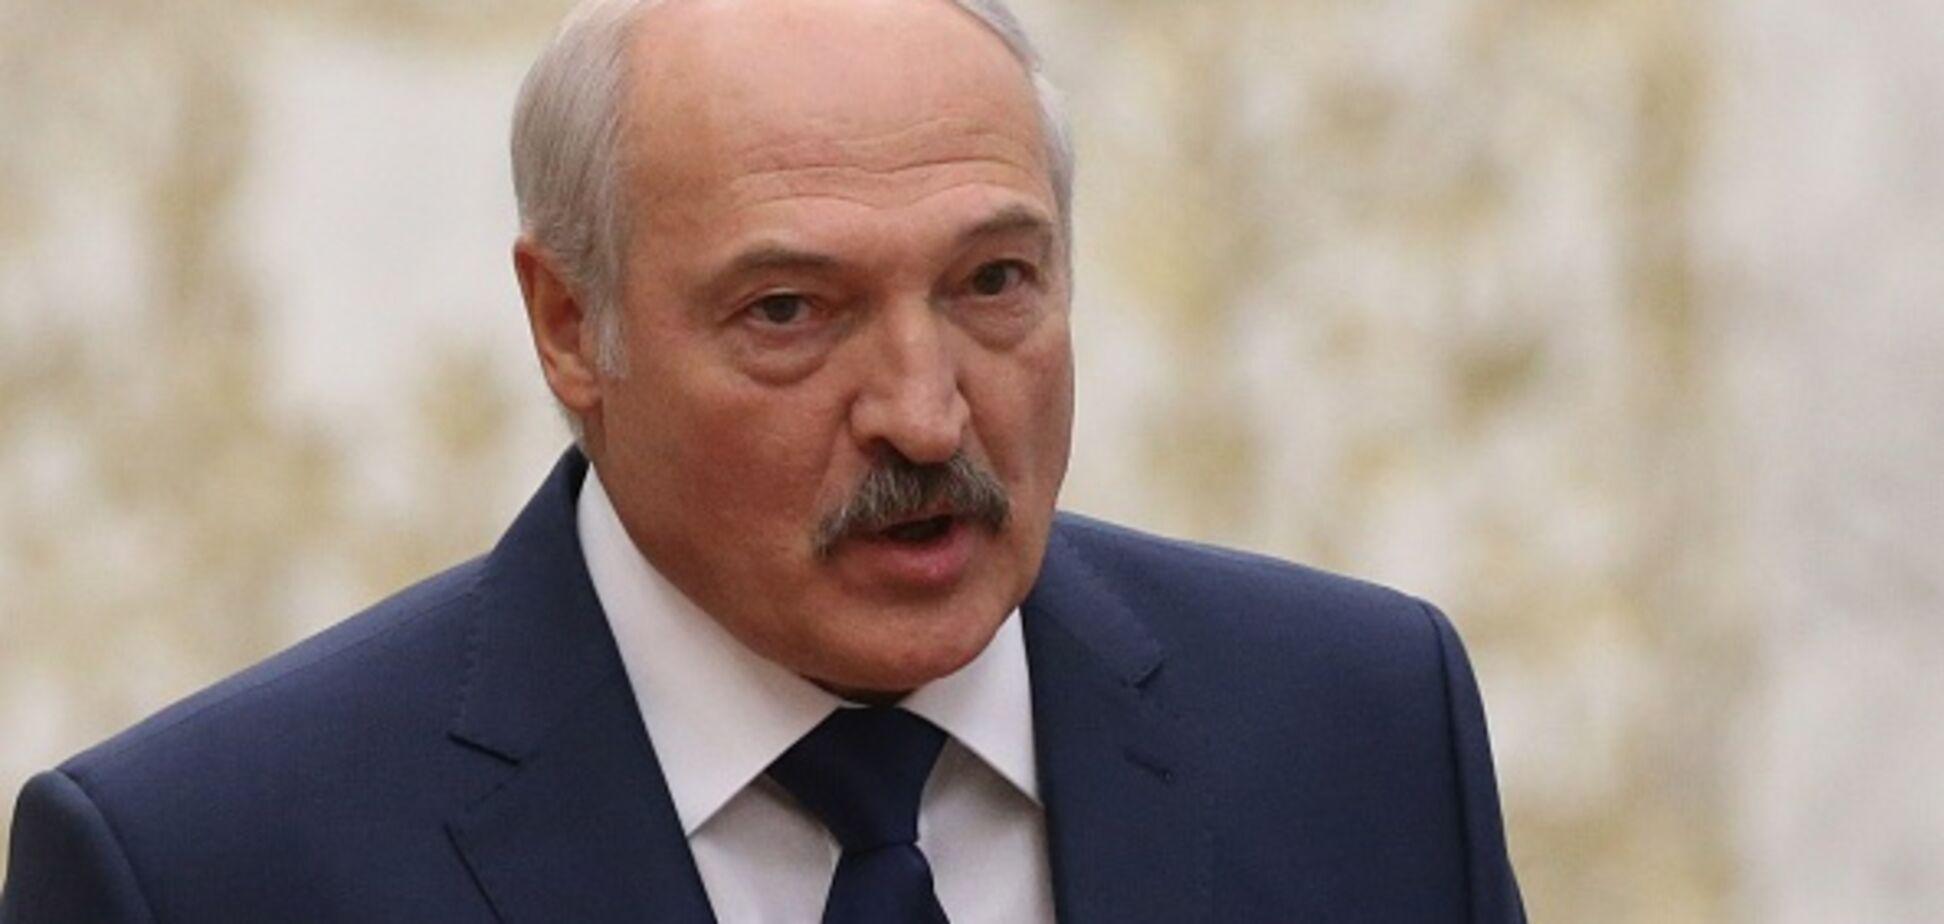 Беларусь заинтересована: Лукашенко высказался о войне в Украине